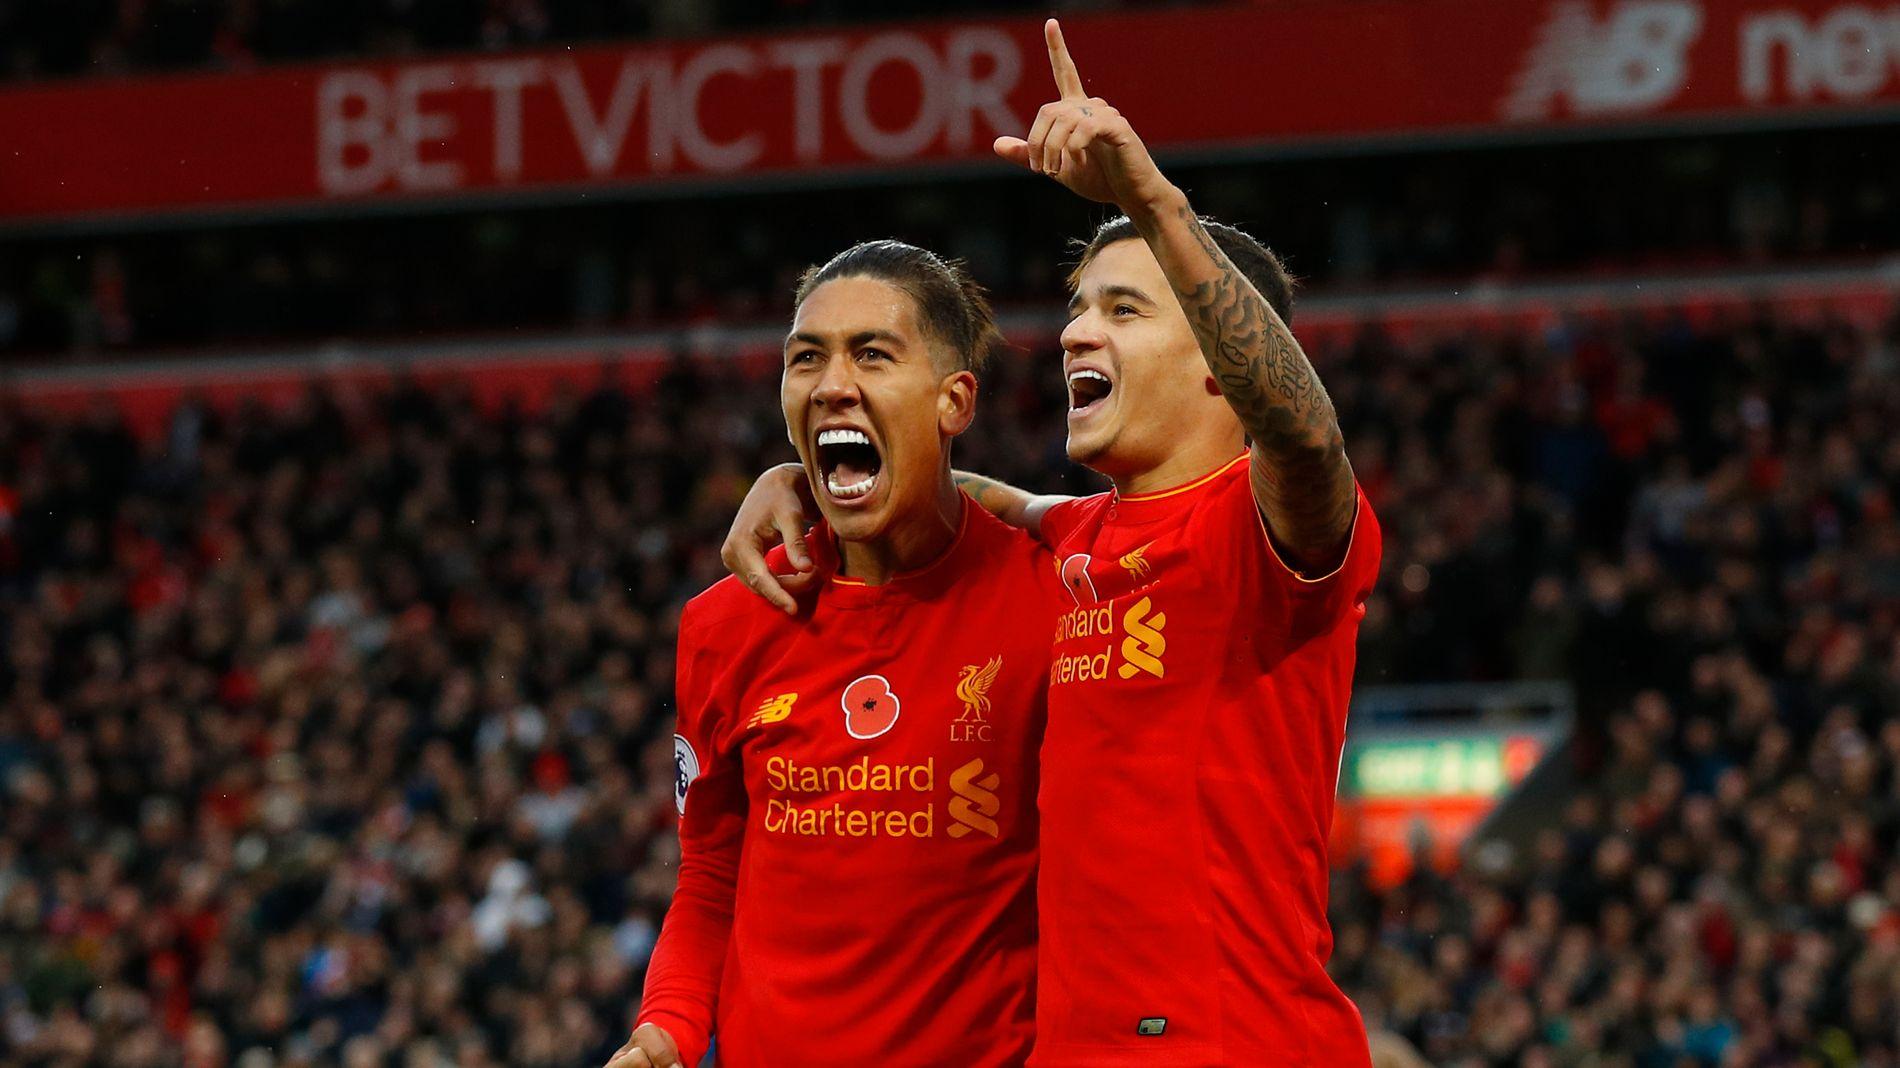 KAN GLISE: Roberto Firmino og Philippe Coutinho smiler etter 4-0-scoringen til førstnevnte. De to har vært sentrale i mange av Liverpools 29 scoringen så langt denne sesongen.